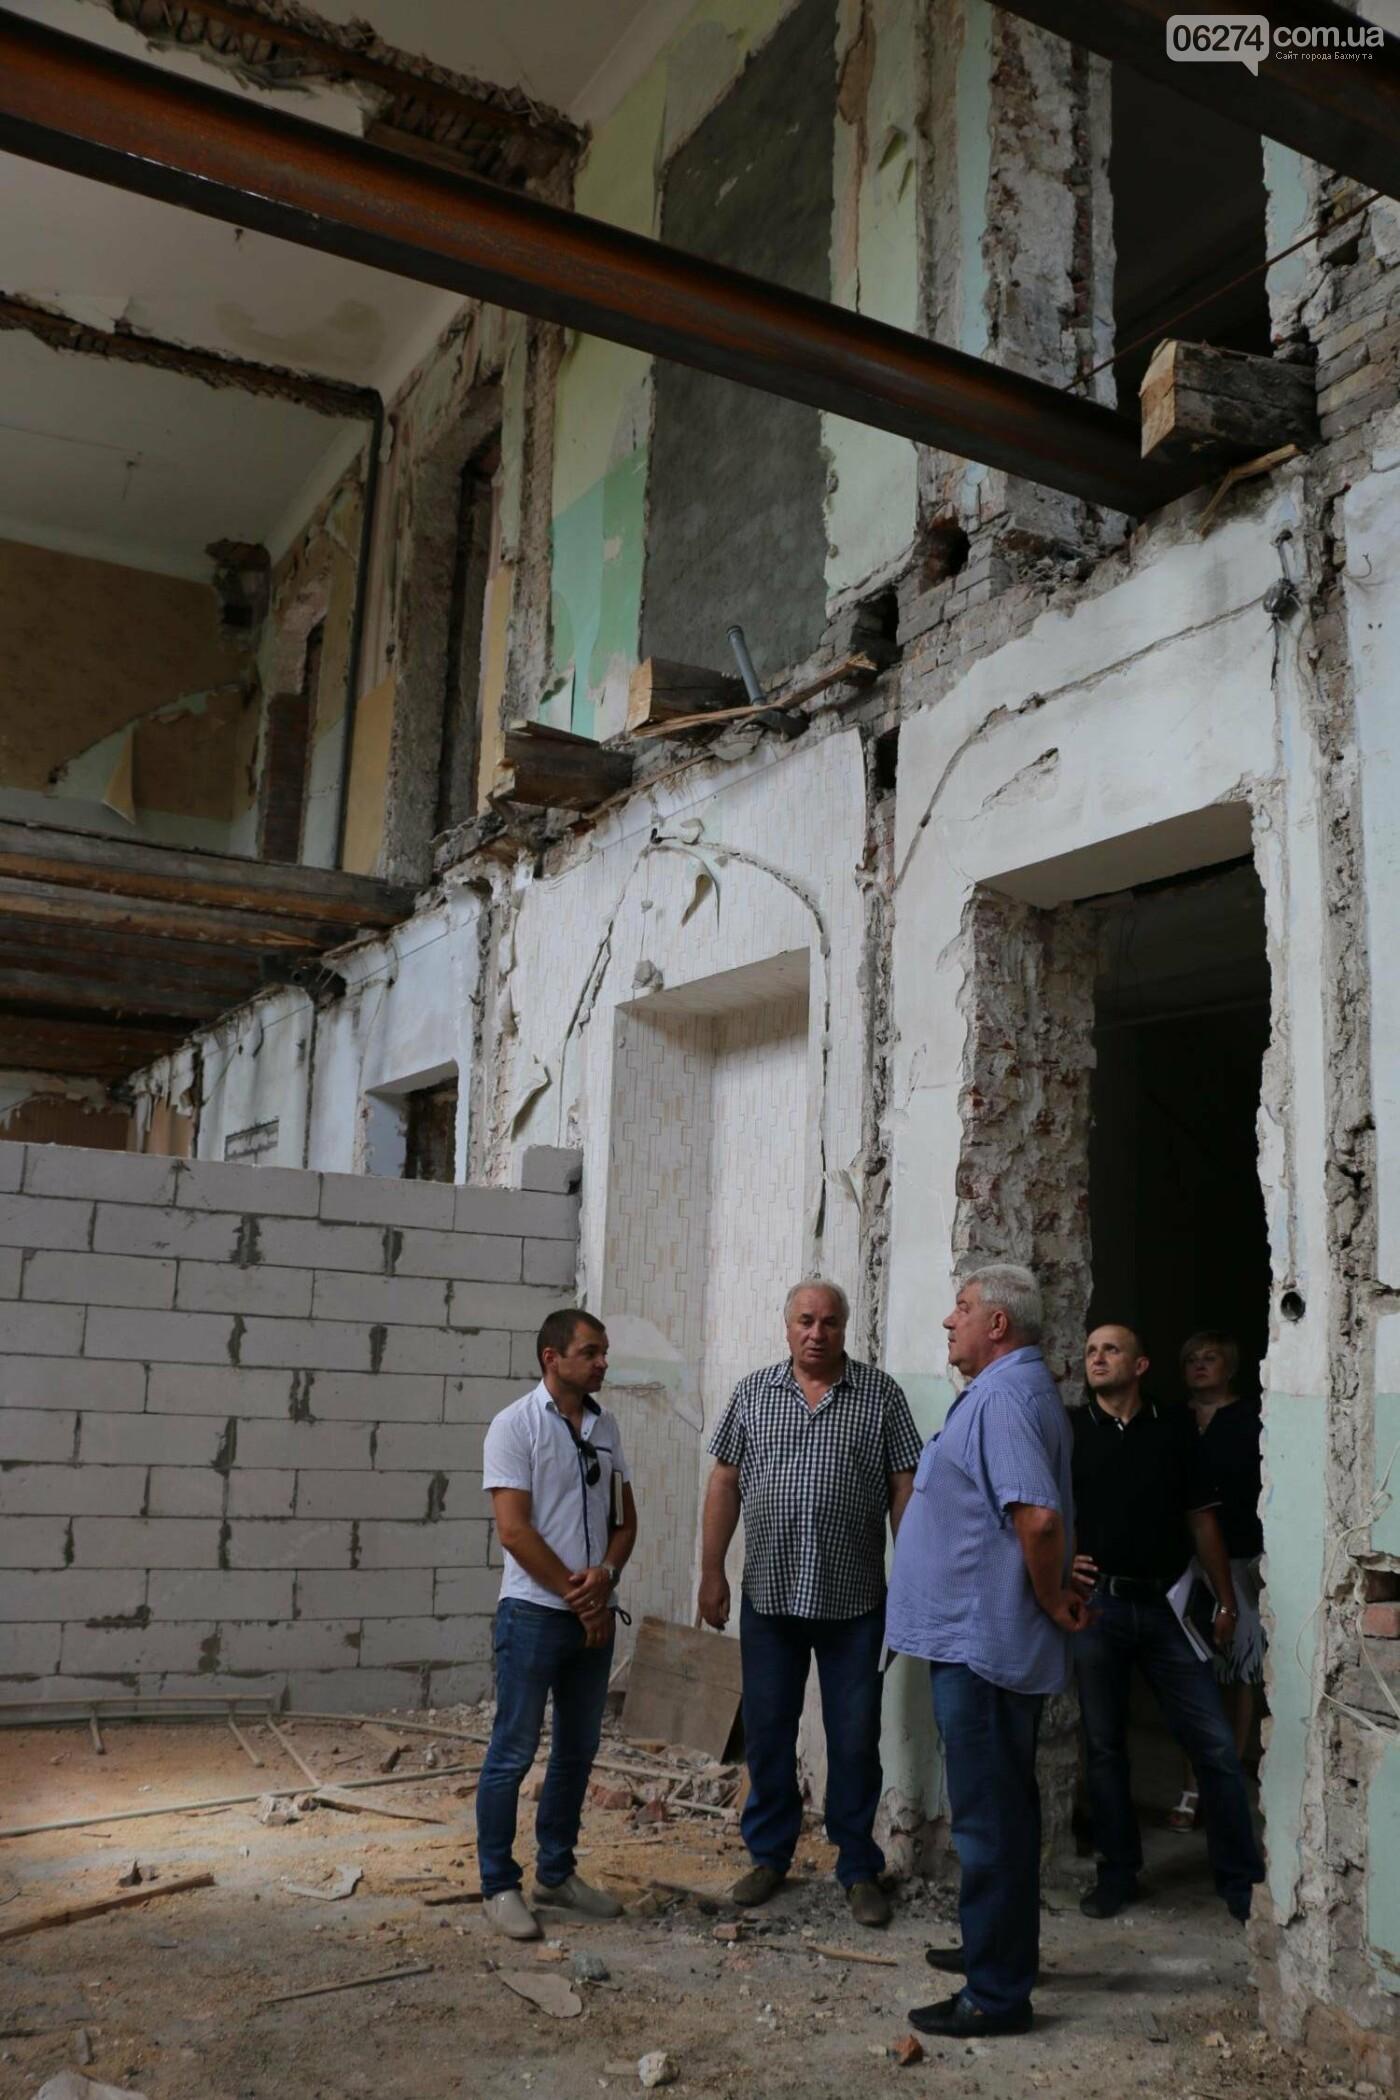 В Бахмуте продолжается реконструкция спортивных объектов, фото-16